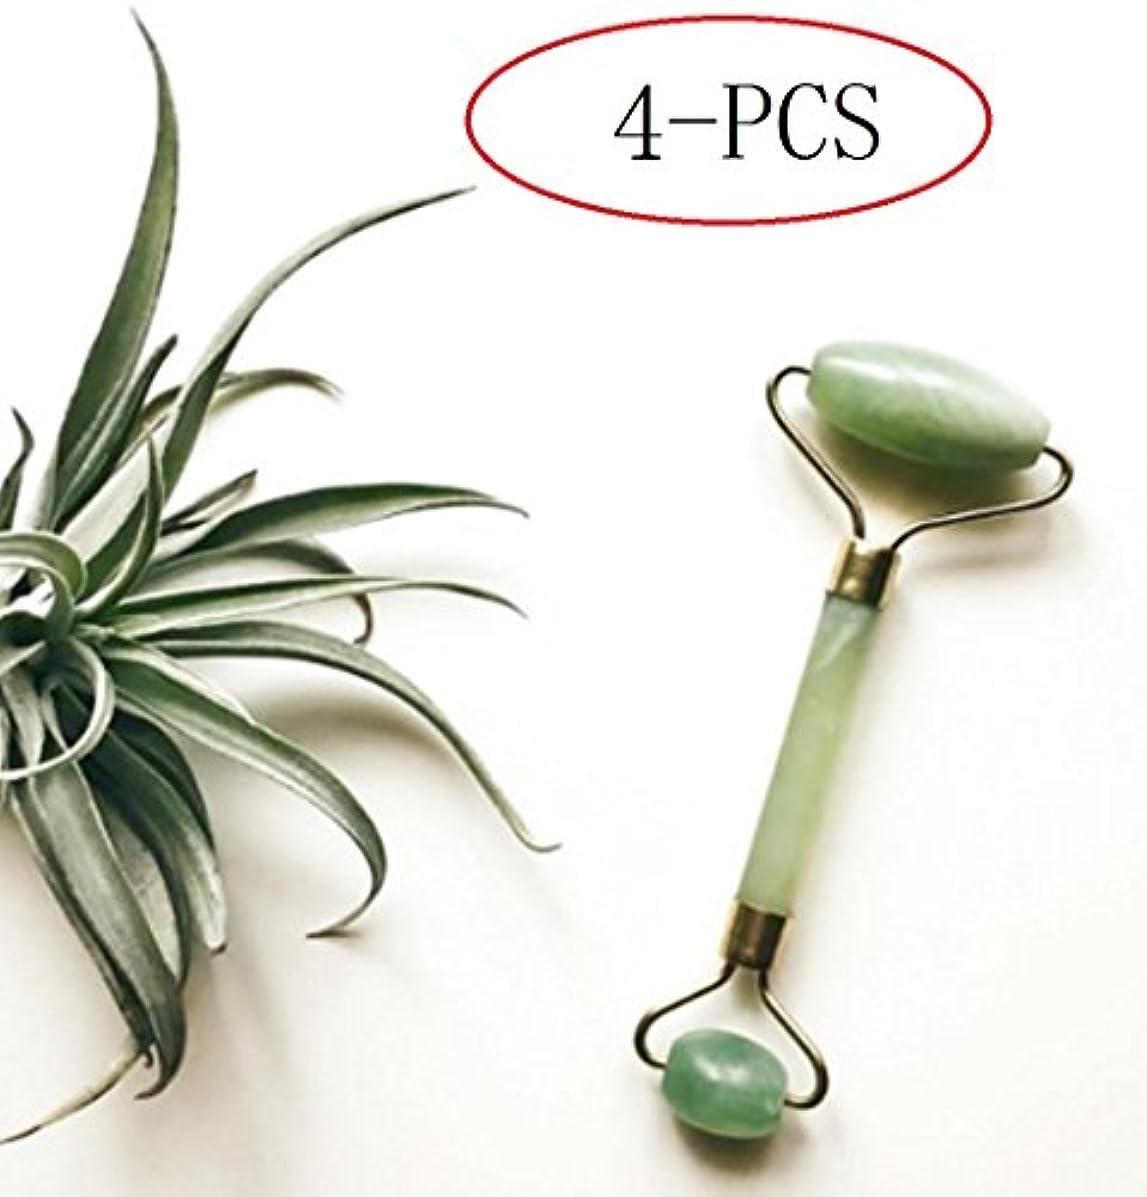 あたり社交的一握りEcho & Kern 4点翡翠フェイスマッサジローラー 4pcs Double head Jade Stone Derma Roller